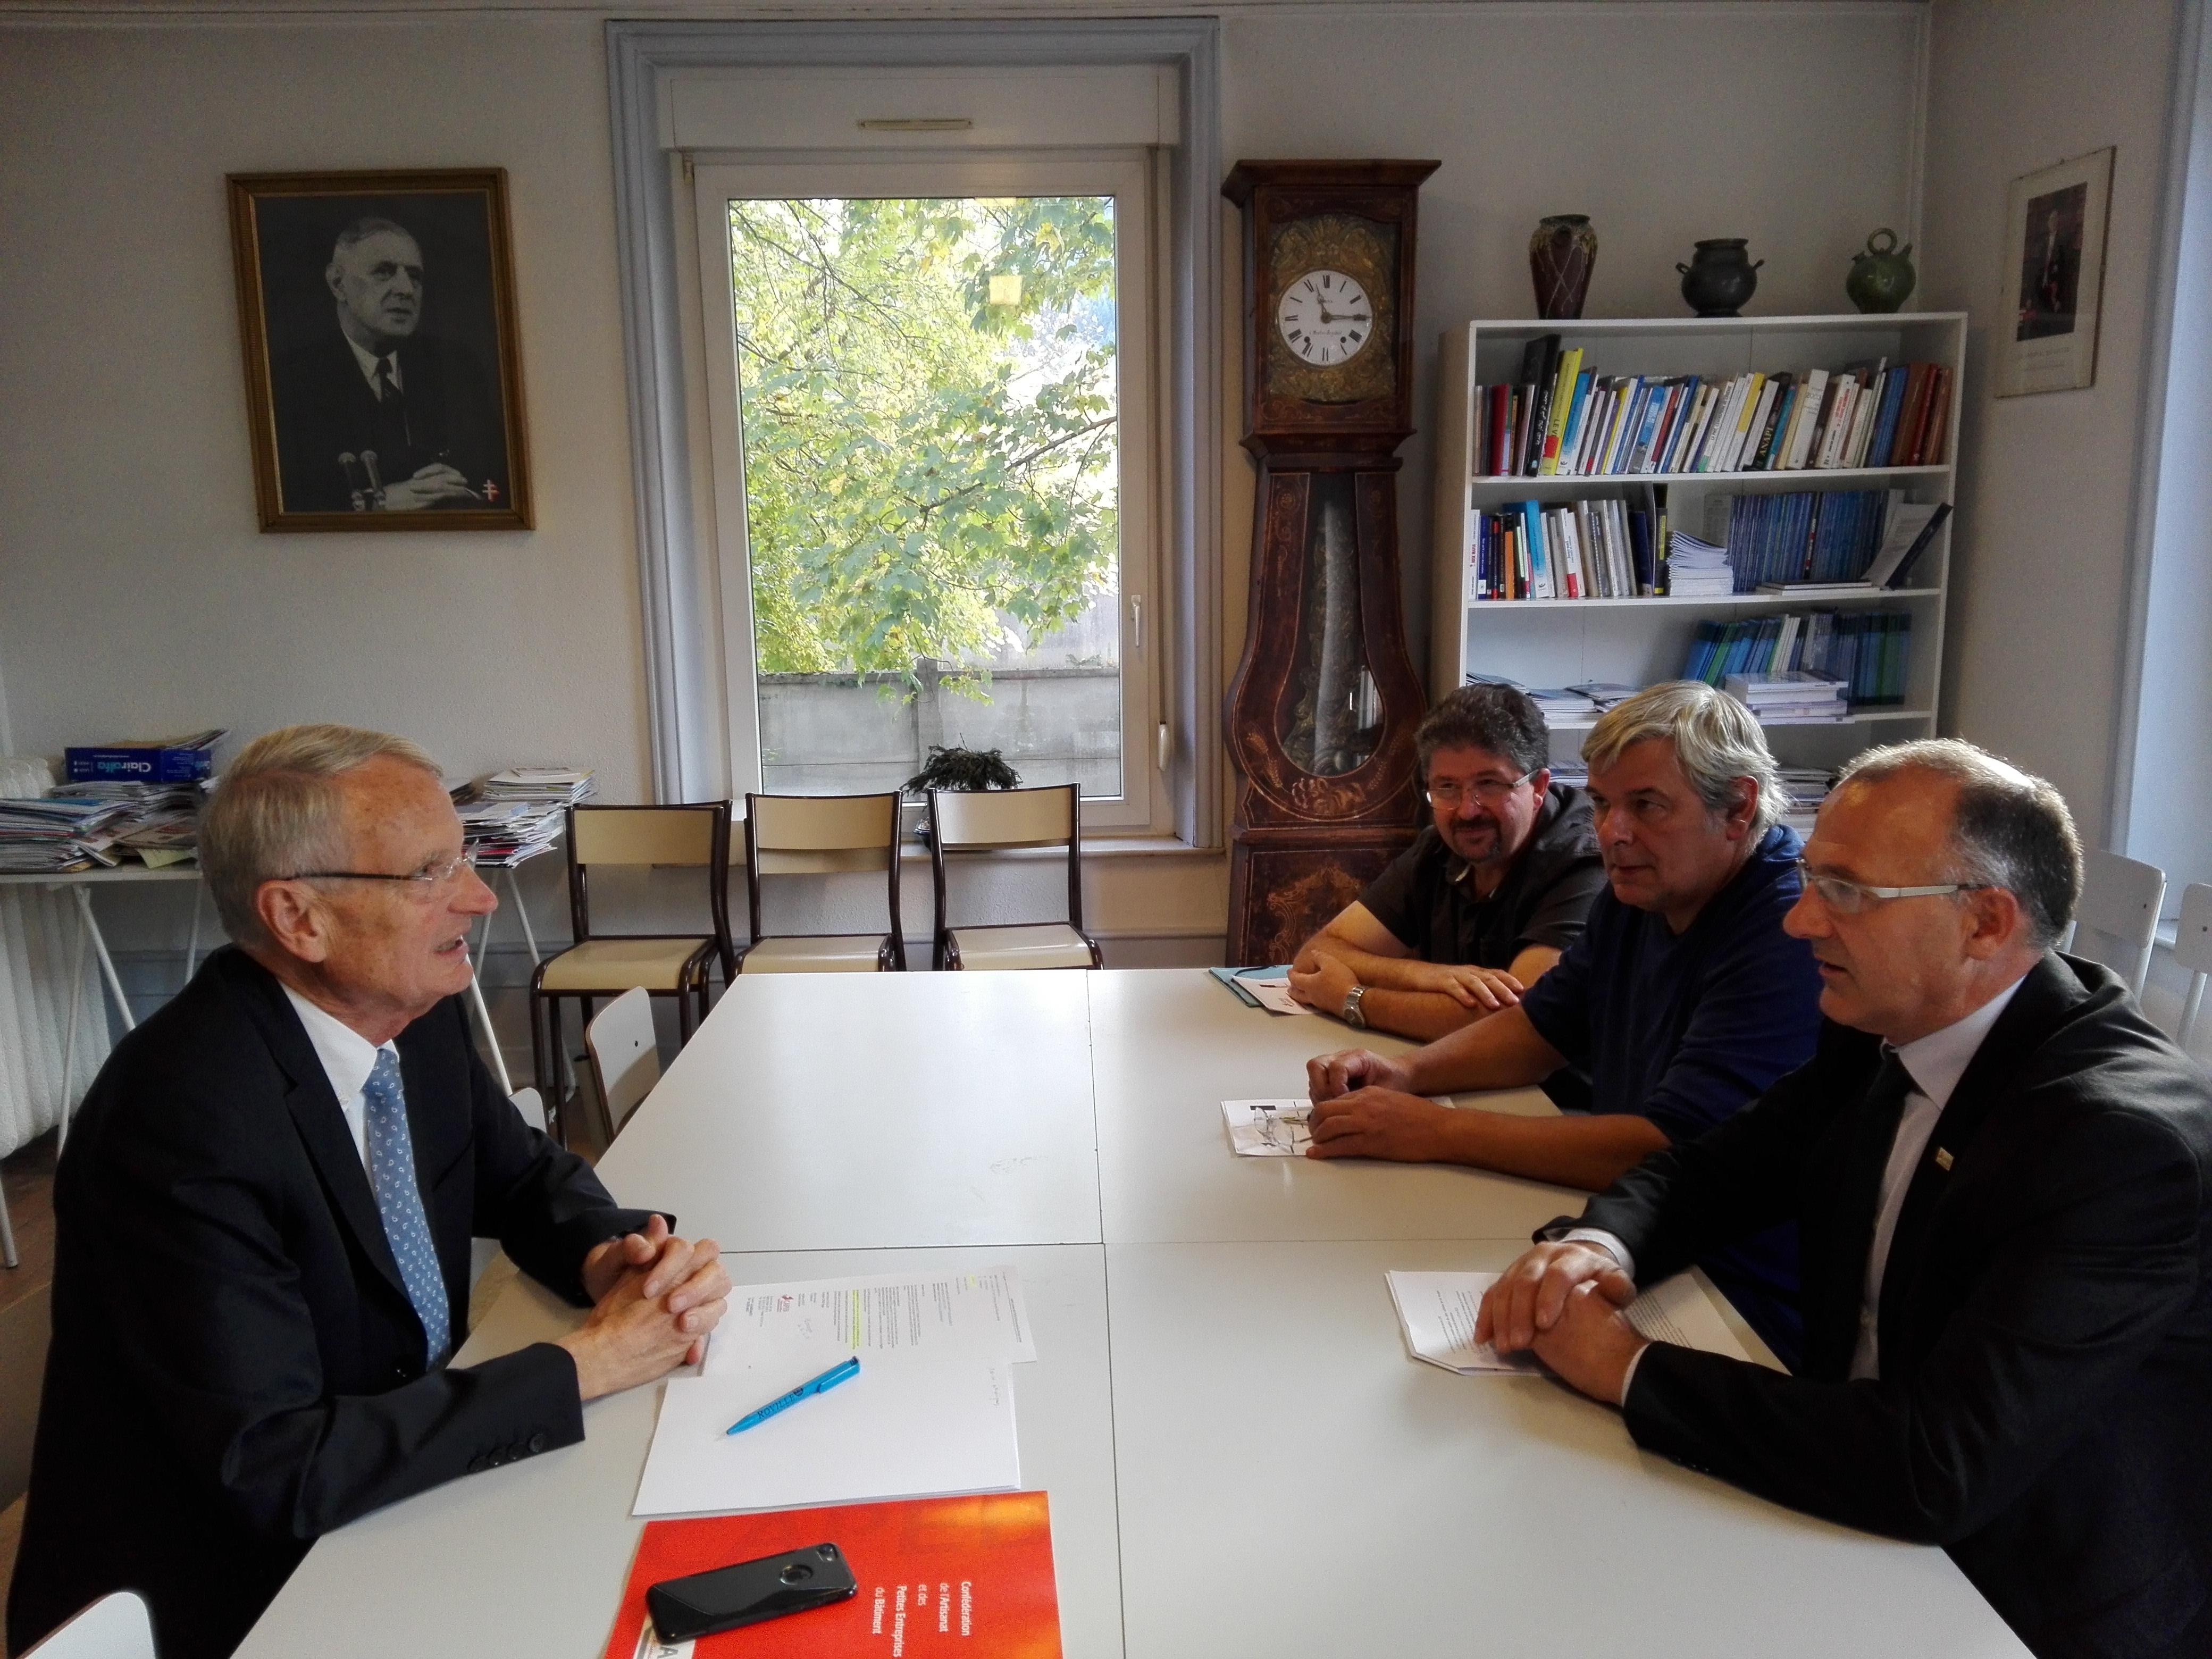 Le député de la seconde circonscription des Vosges Gérard Cherpion a rencontré hier jeudi des représentants de la CAPEB des Vosges.